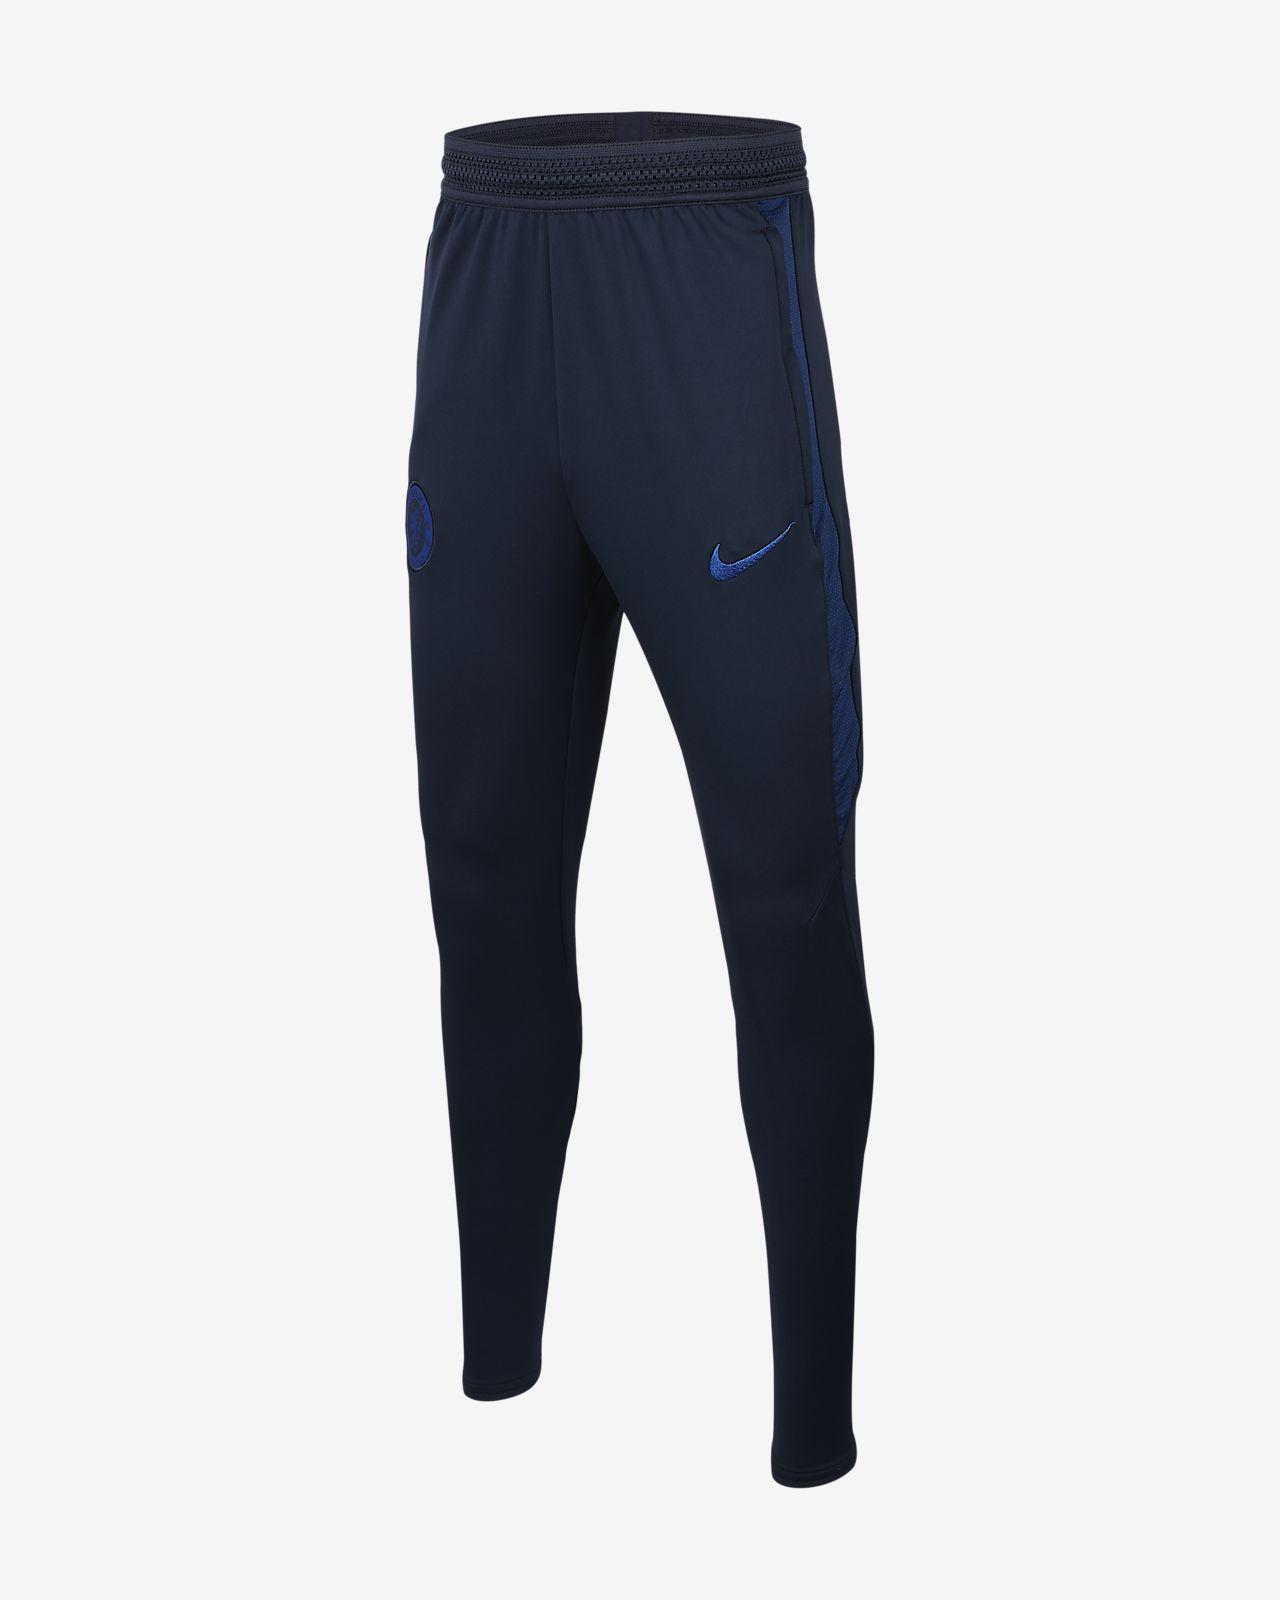 Nike Dri-FIT Chelsea FC Strike Pantalons de futbol - Nen/a